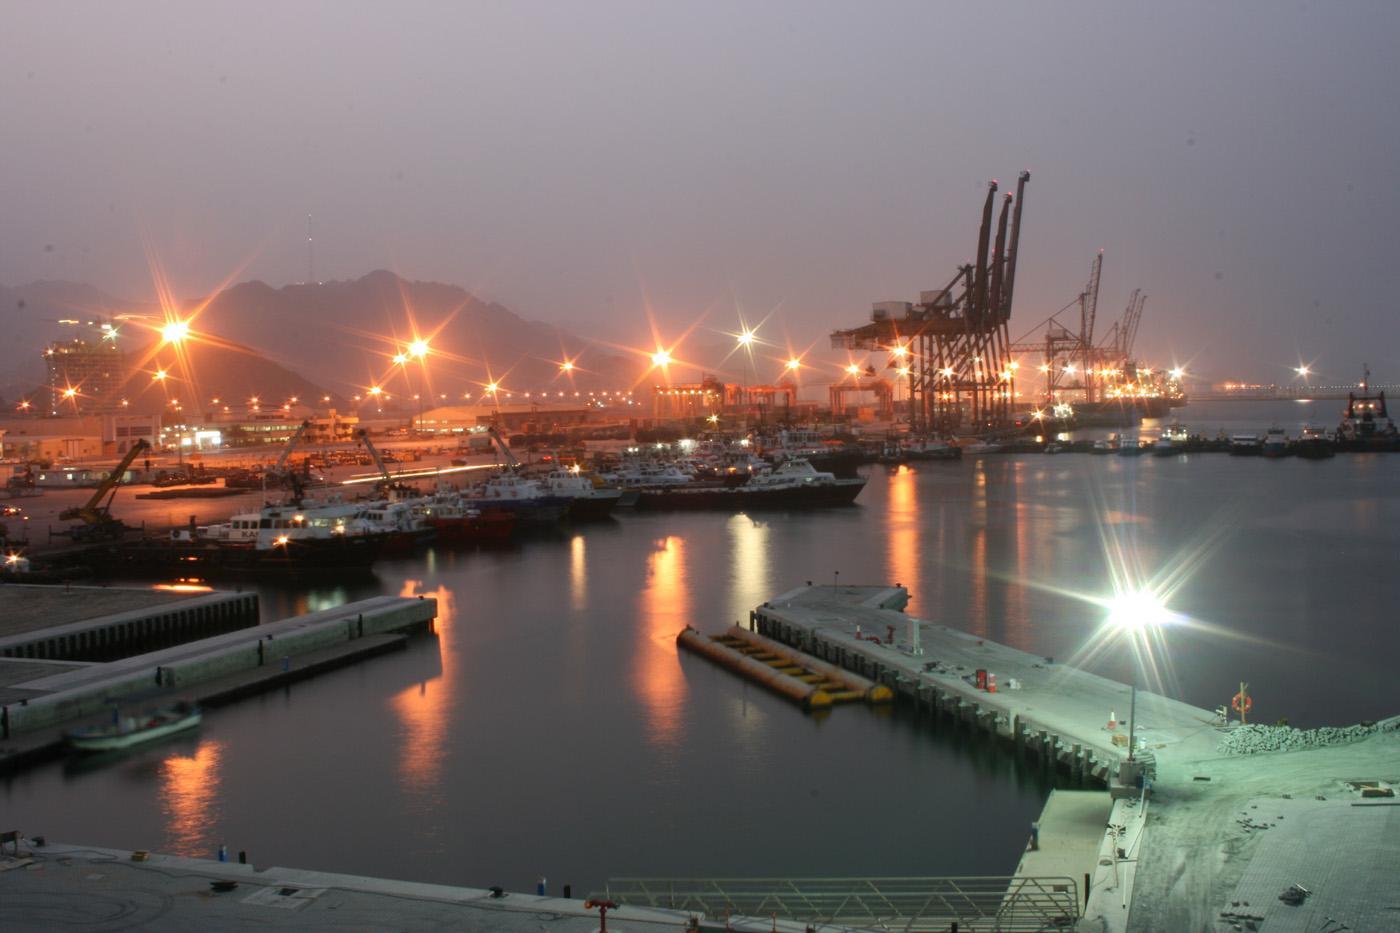 8 مليارات ريال استثمارات السعوديين في الفجيرة